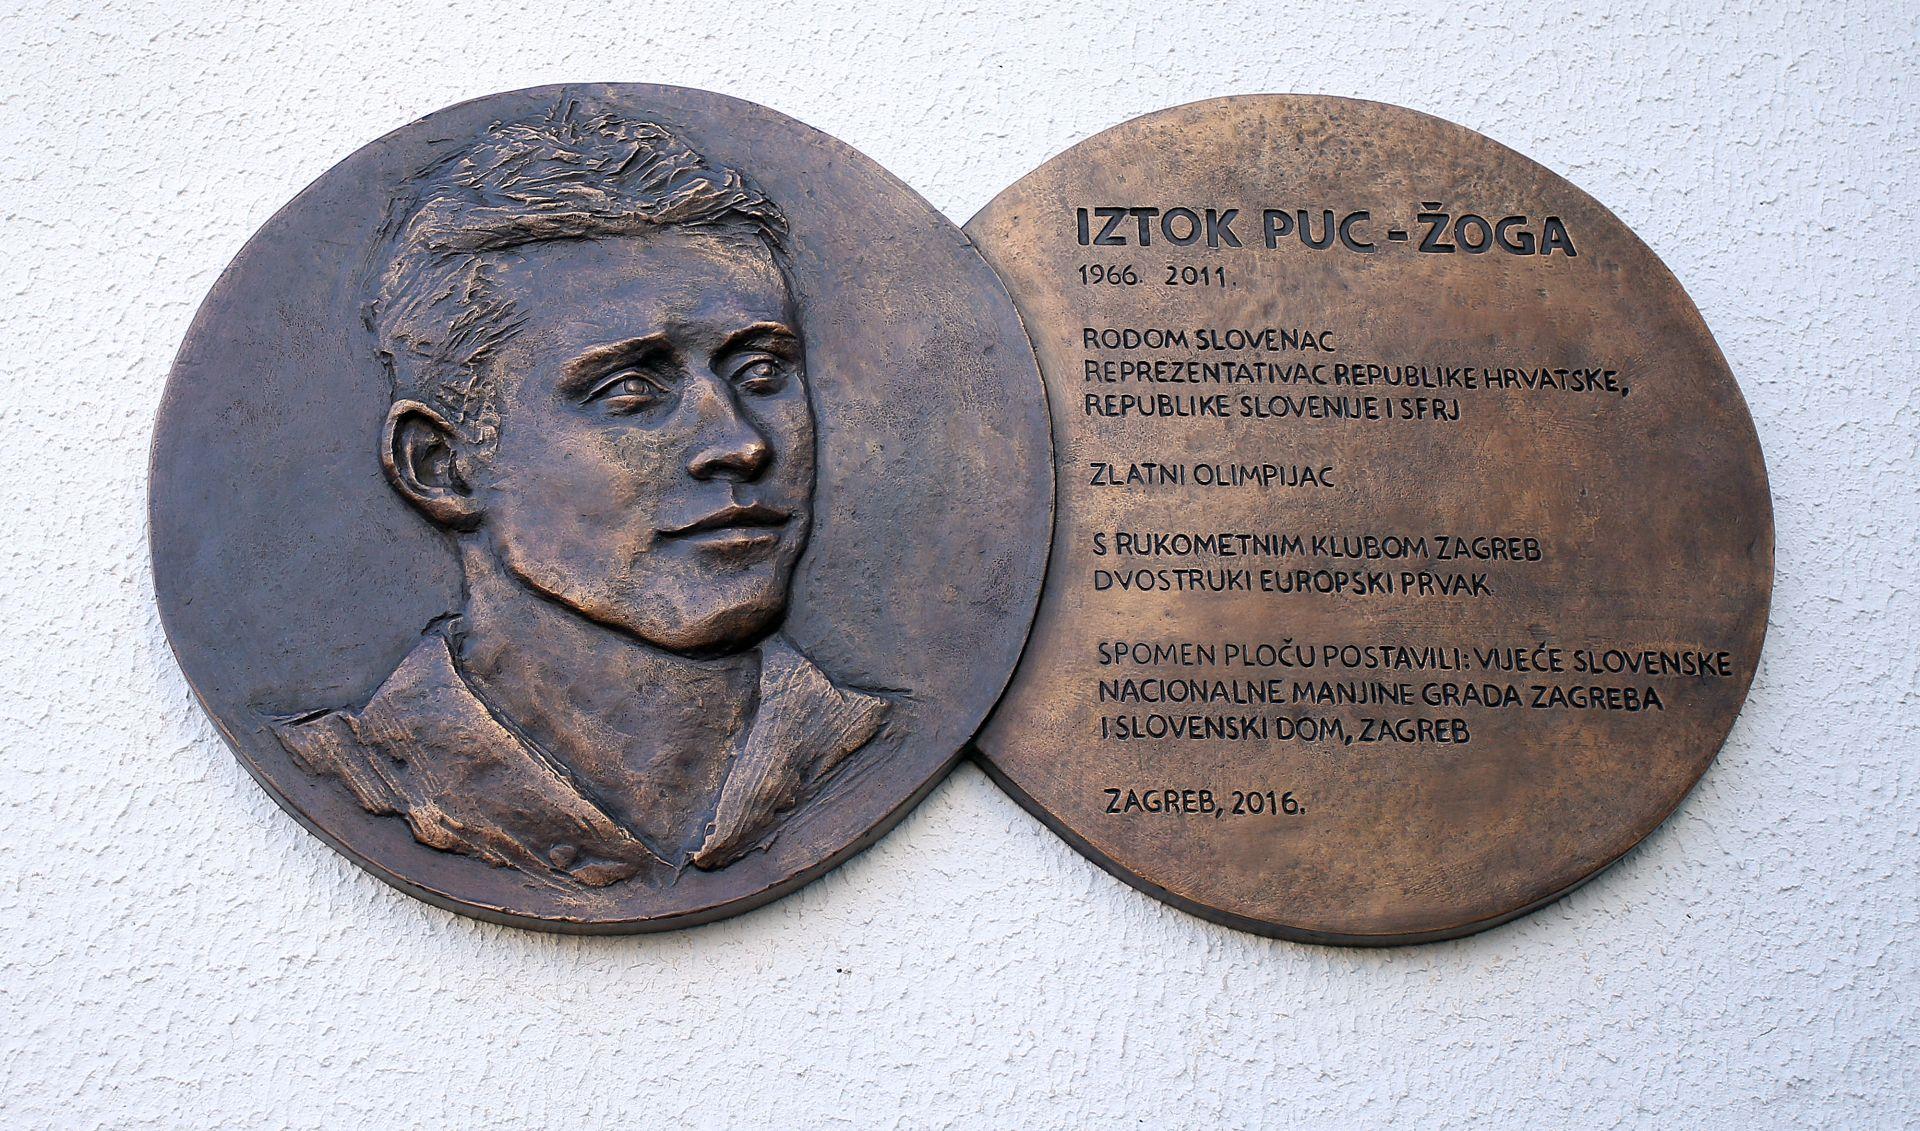 Otkrivena spomen ploča legendi hrvatskog i slovenskog rukometa Iztoku Pucu